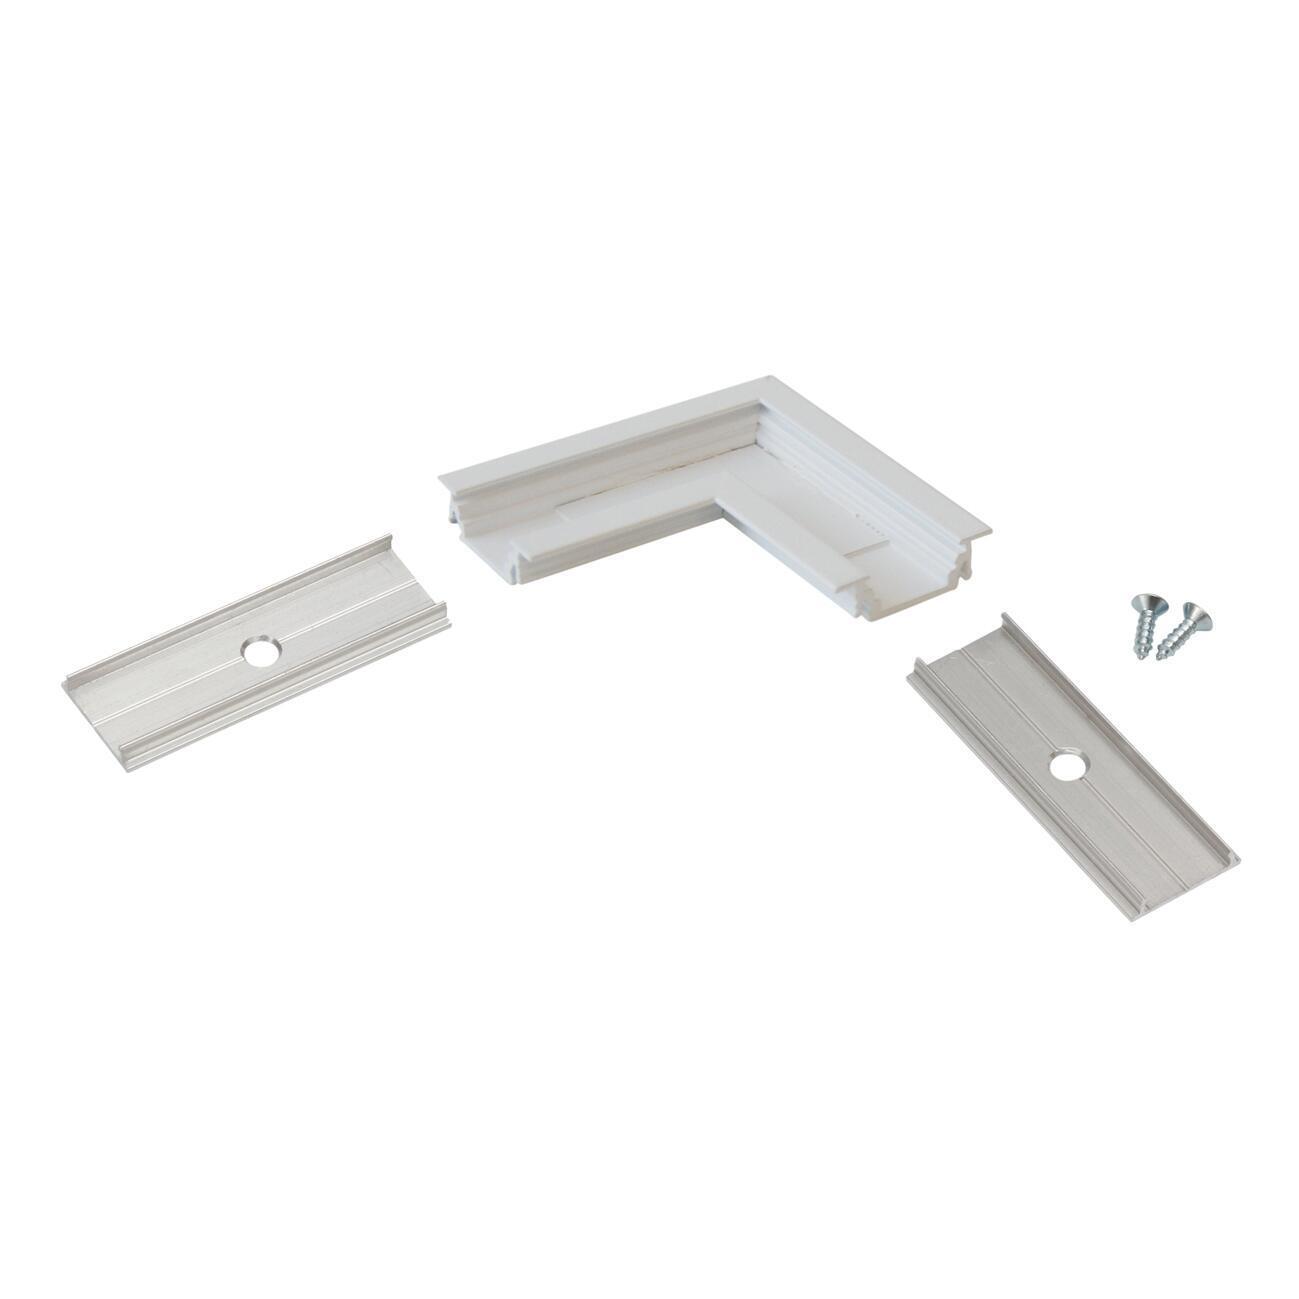 Connettore per profilo strisce led, bianco, 2 m - 2